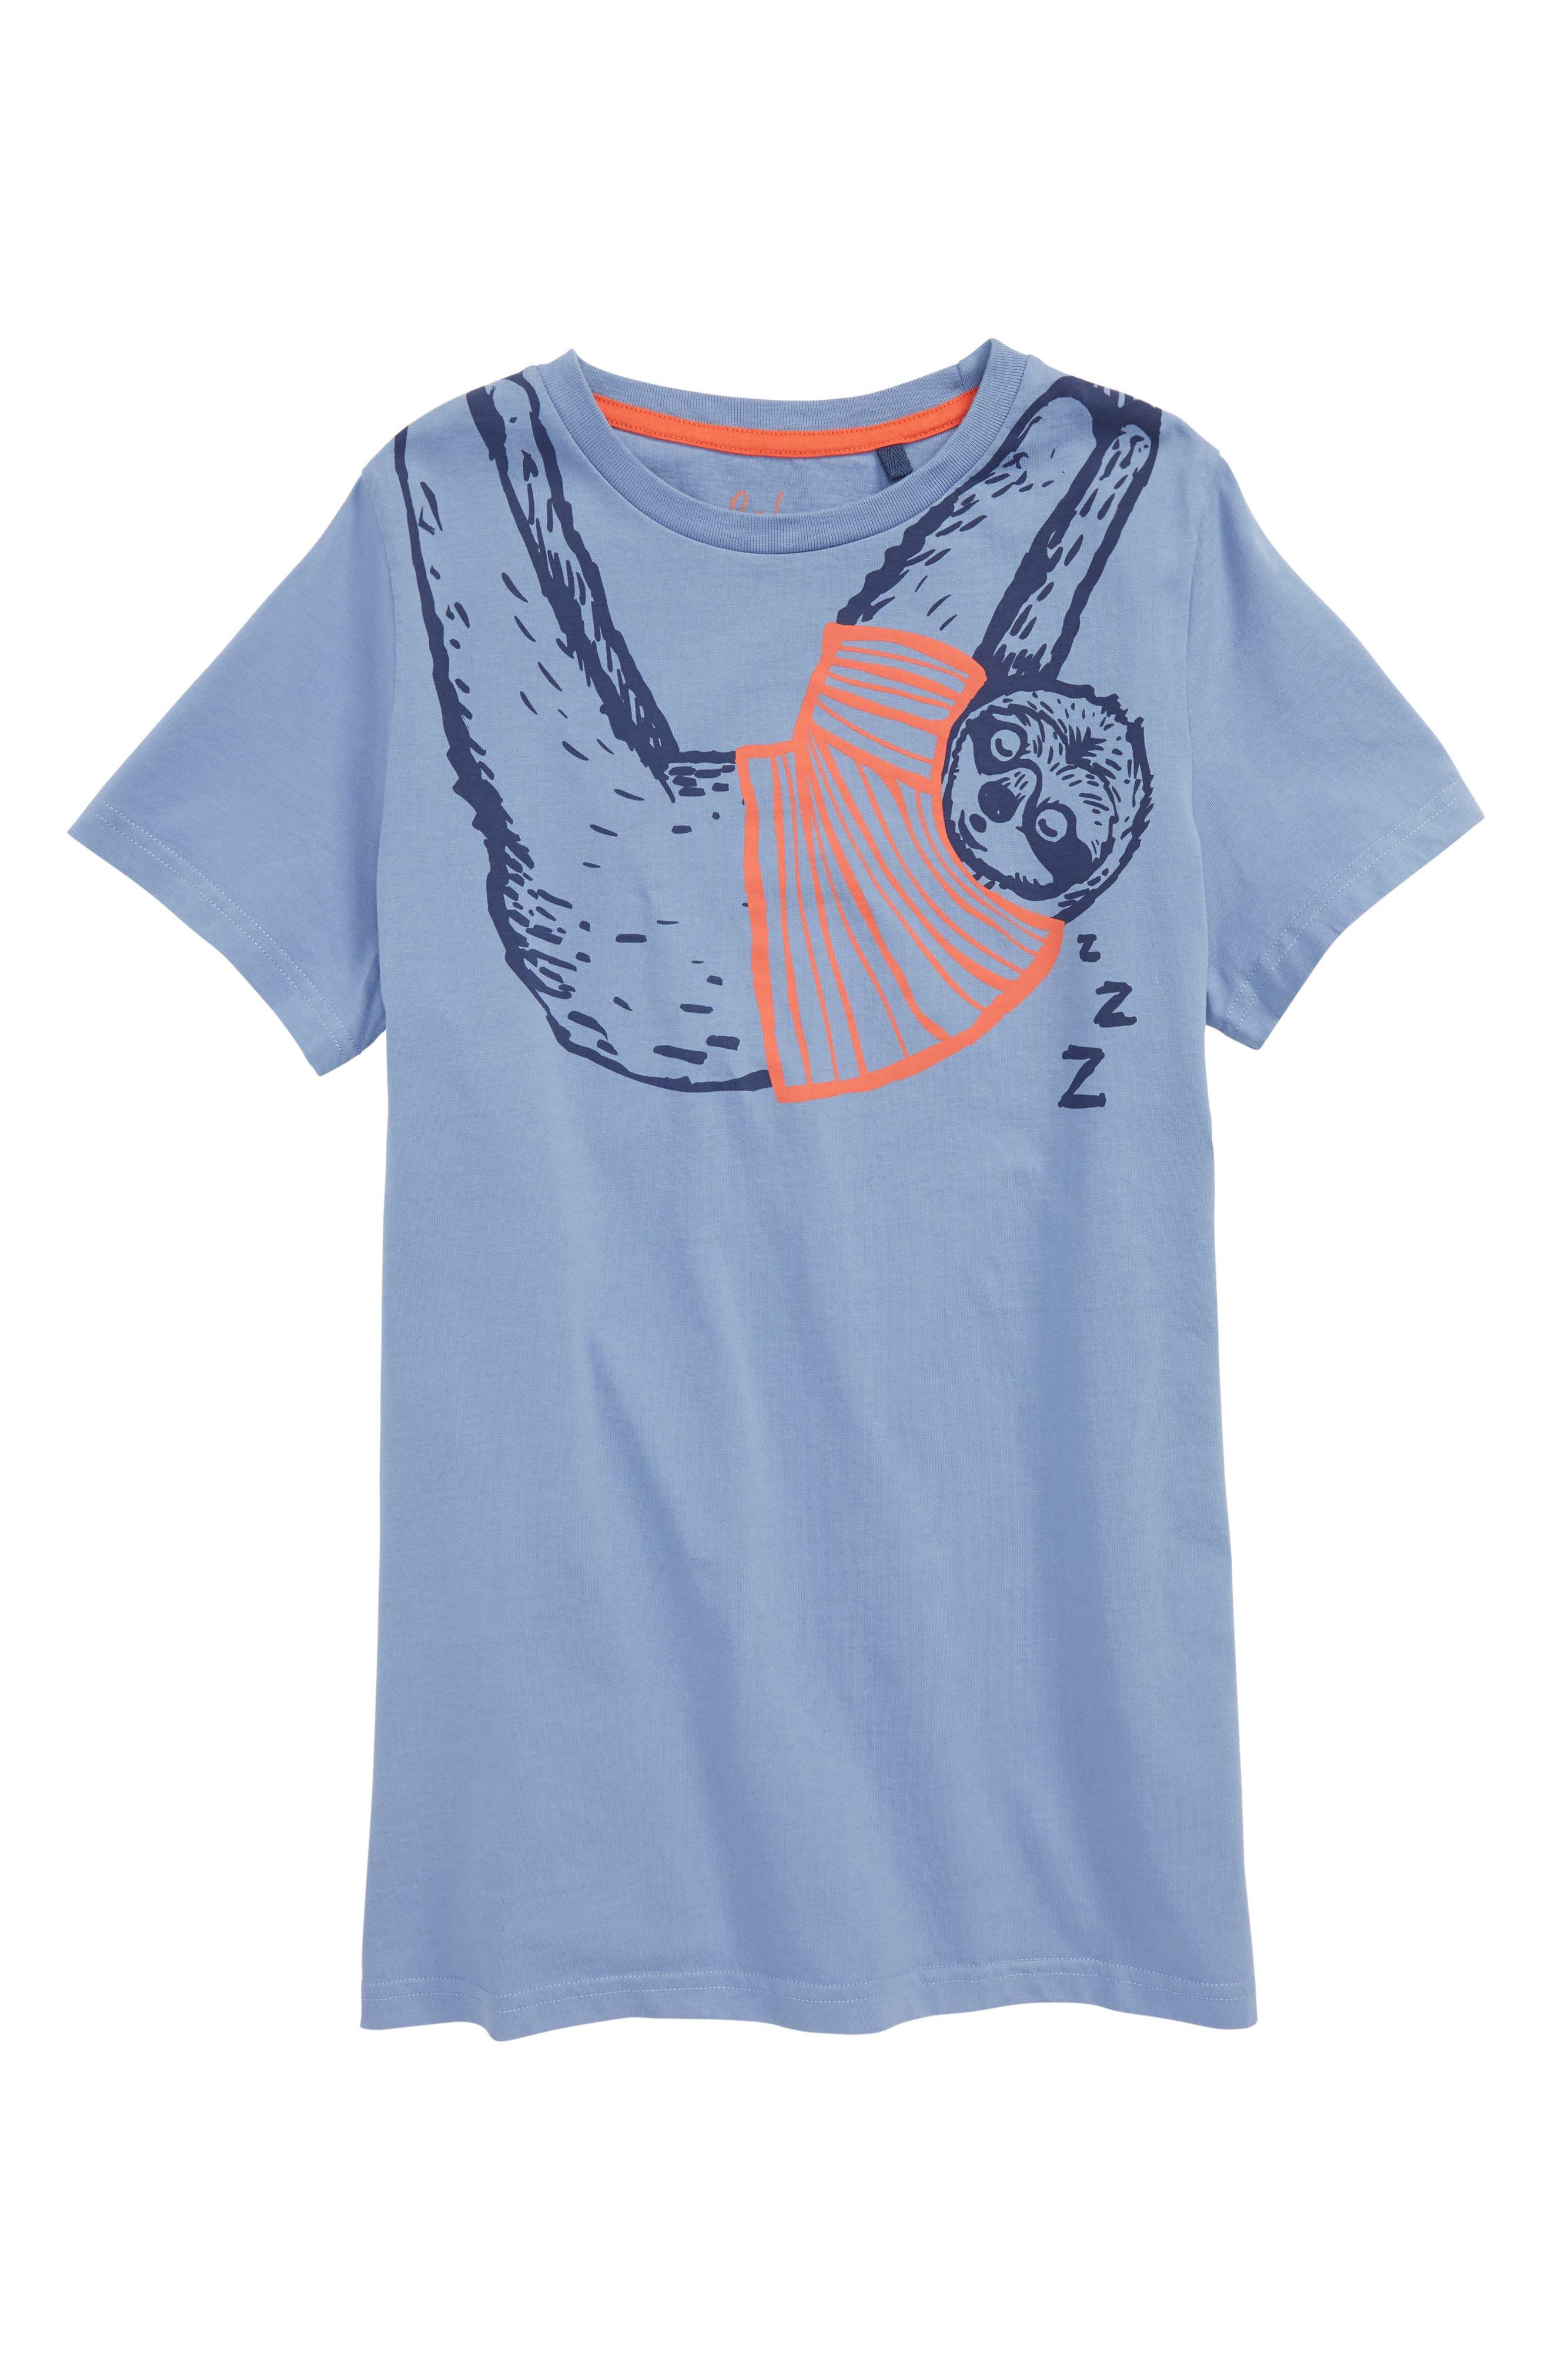 Arty Sloth T-Shirt,                             Main thumbnail 1, color,                             454